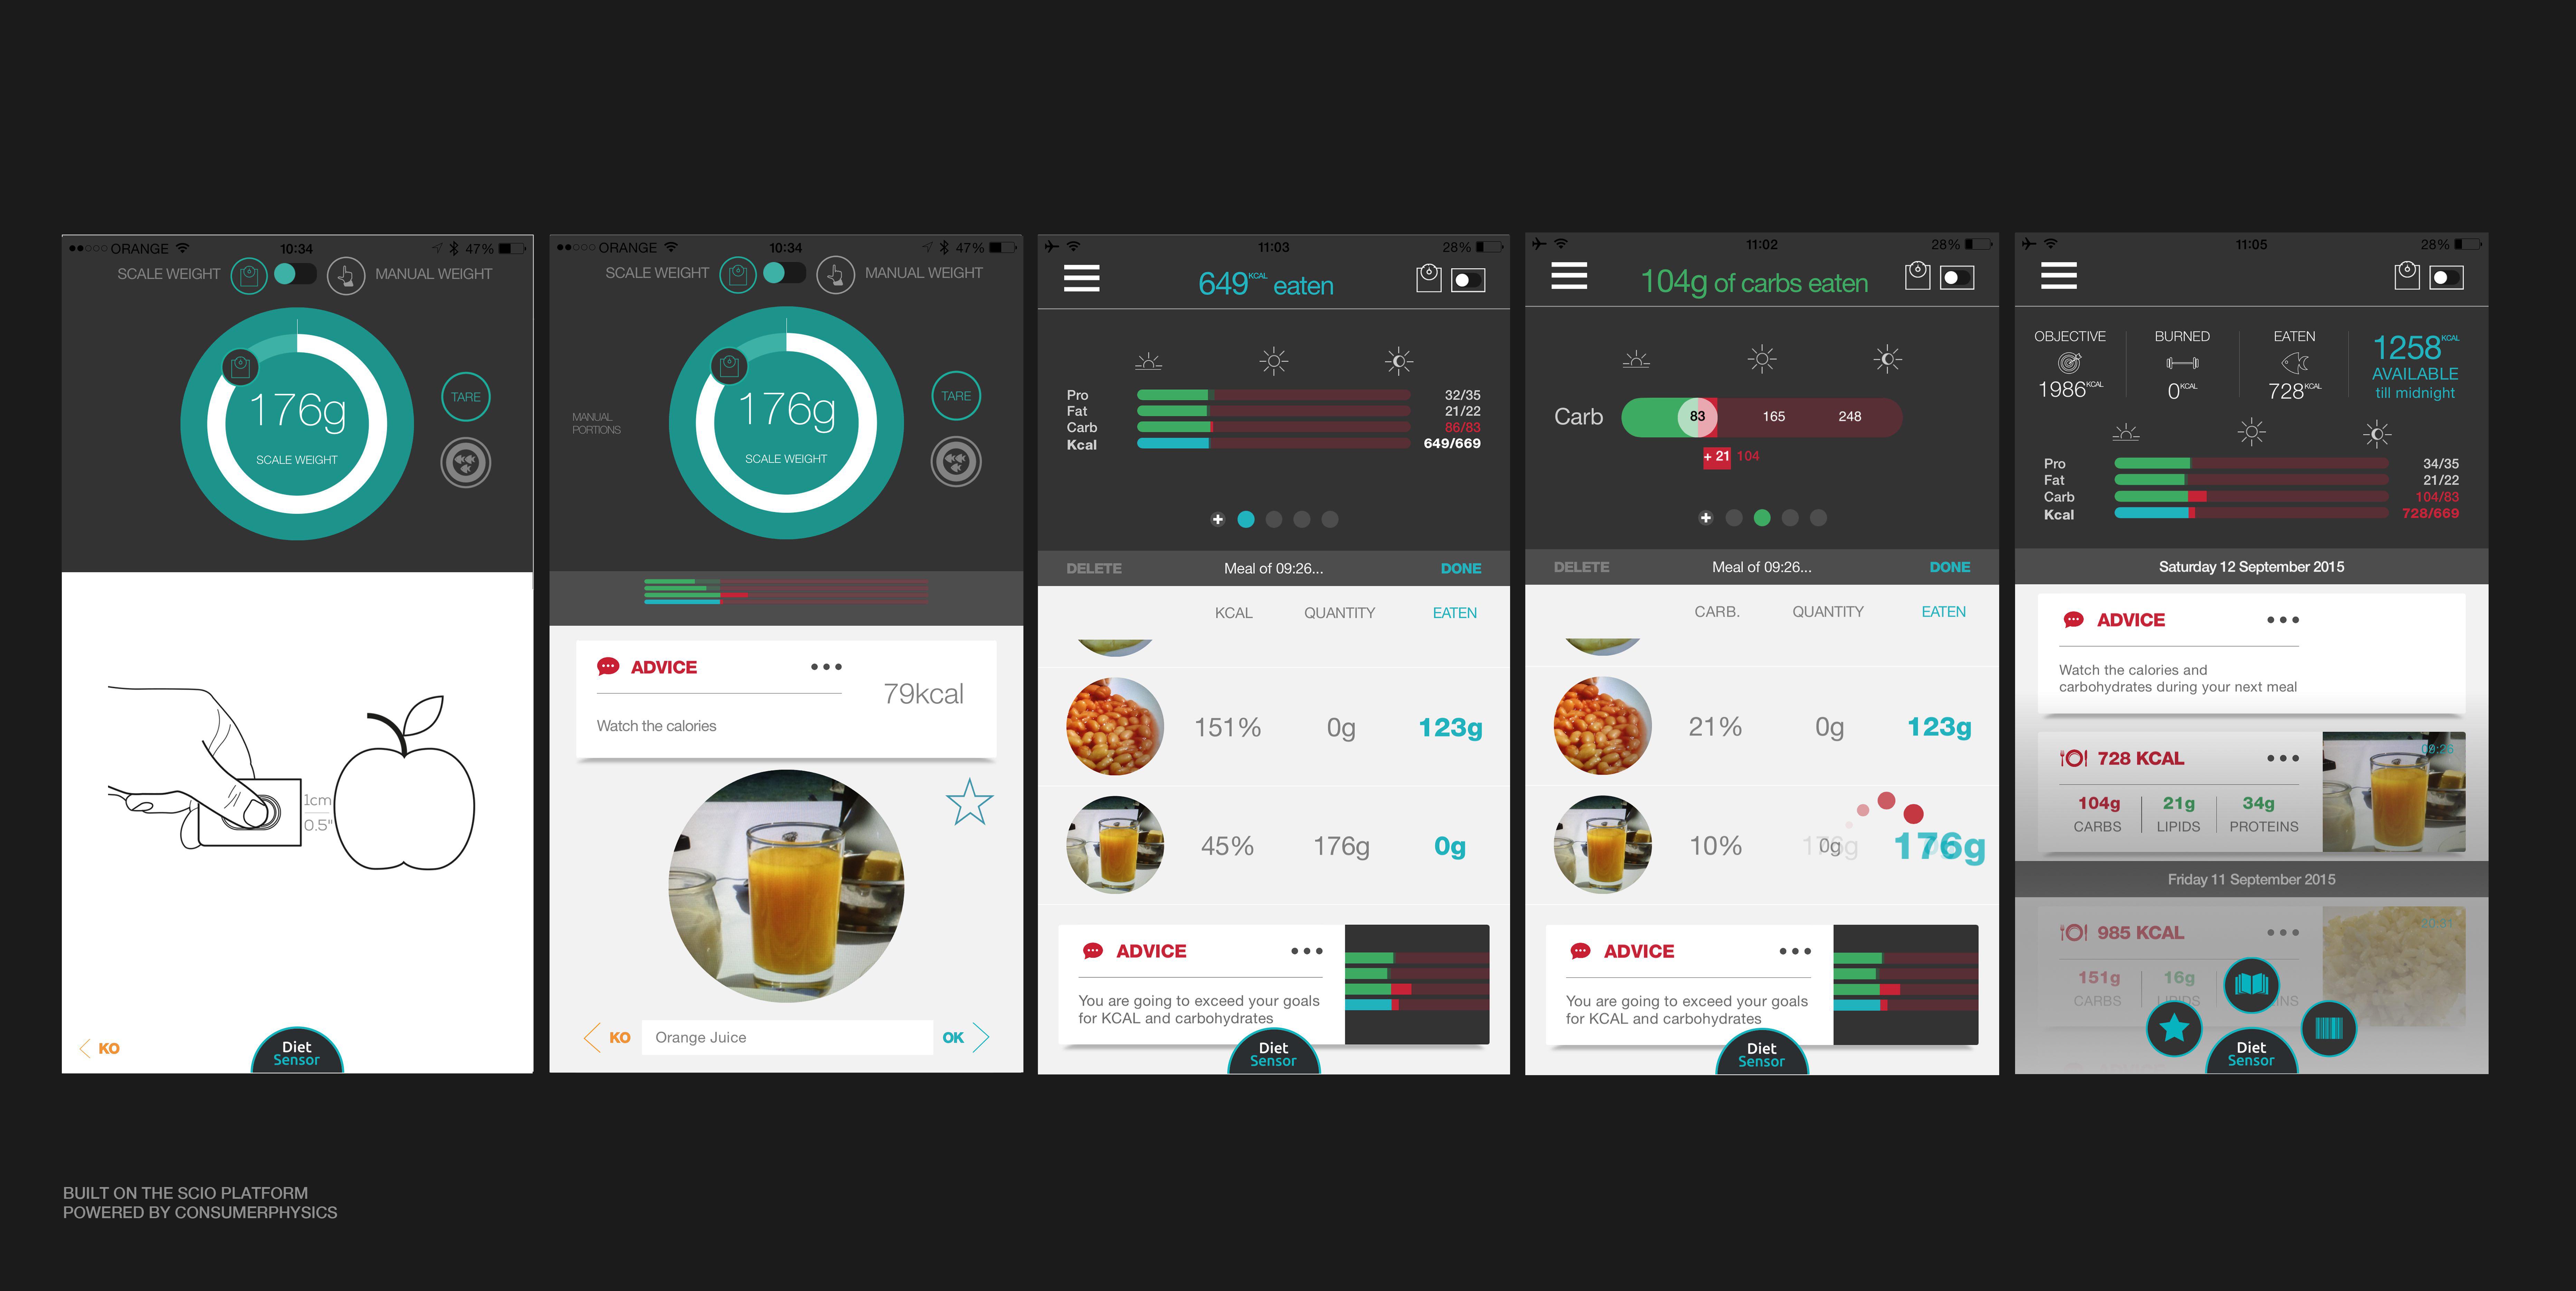 diet sensor smartphone app